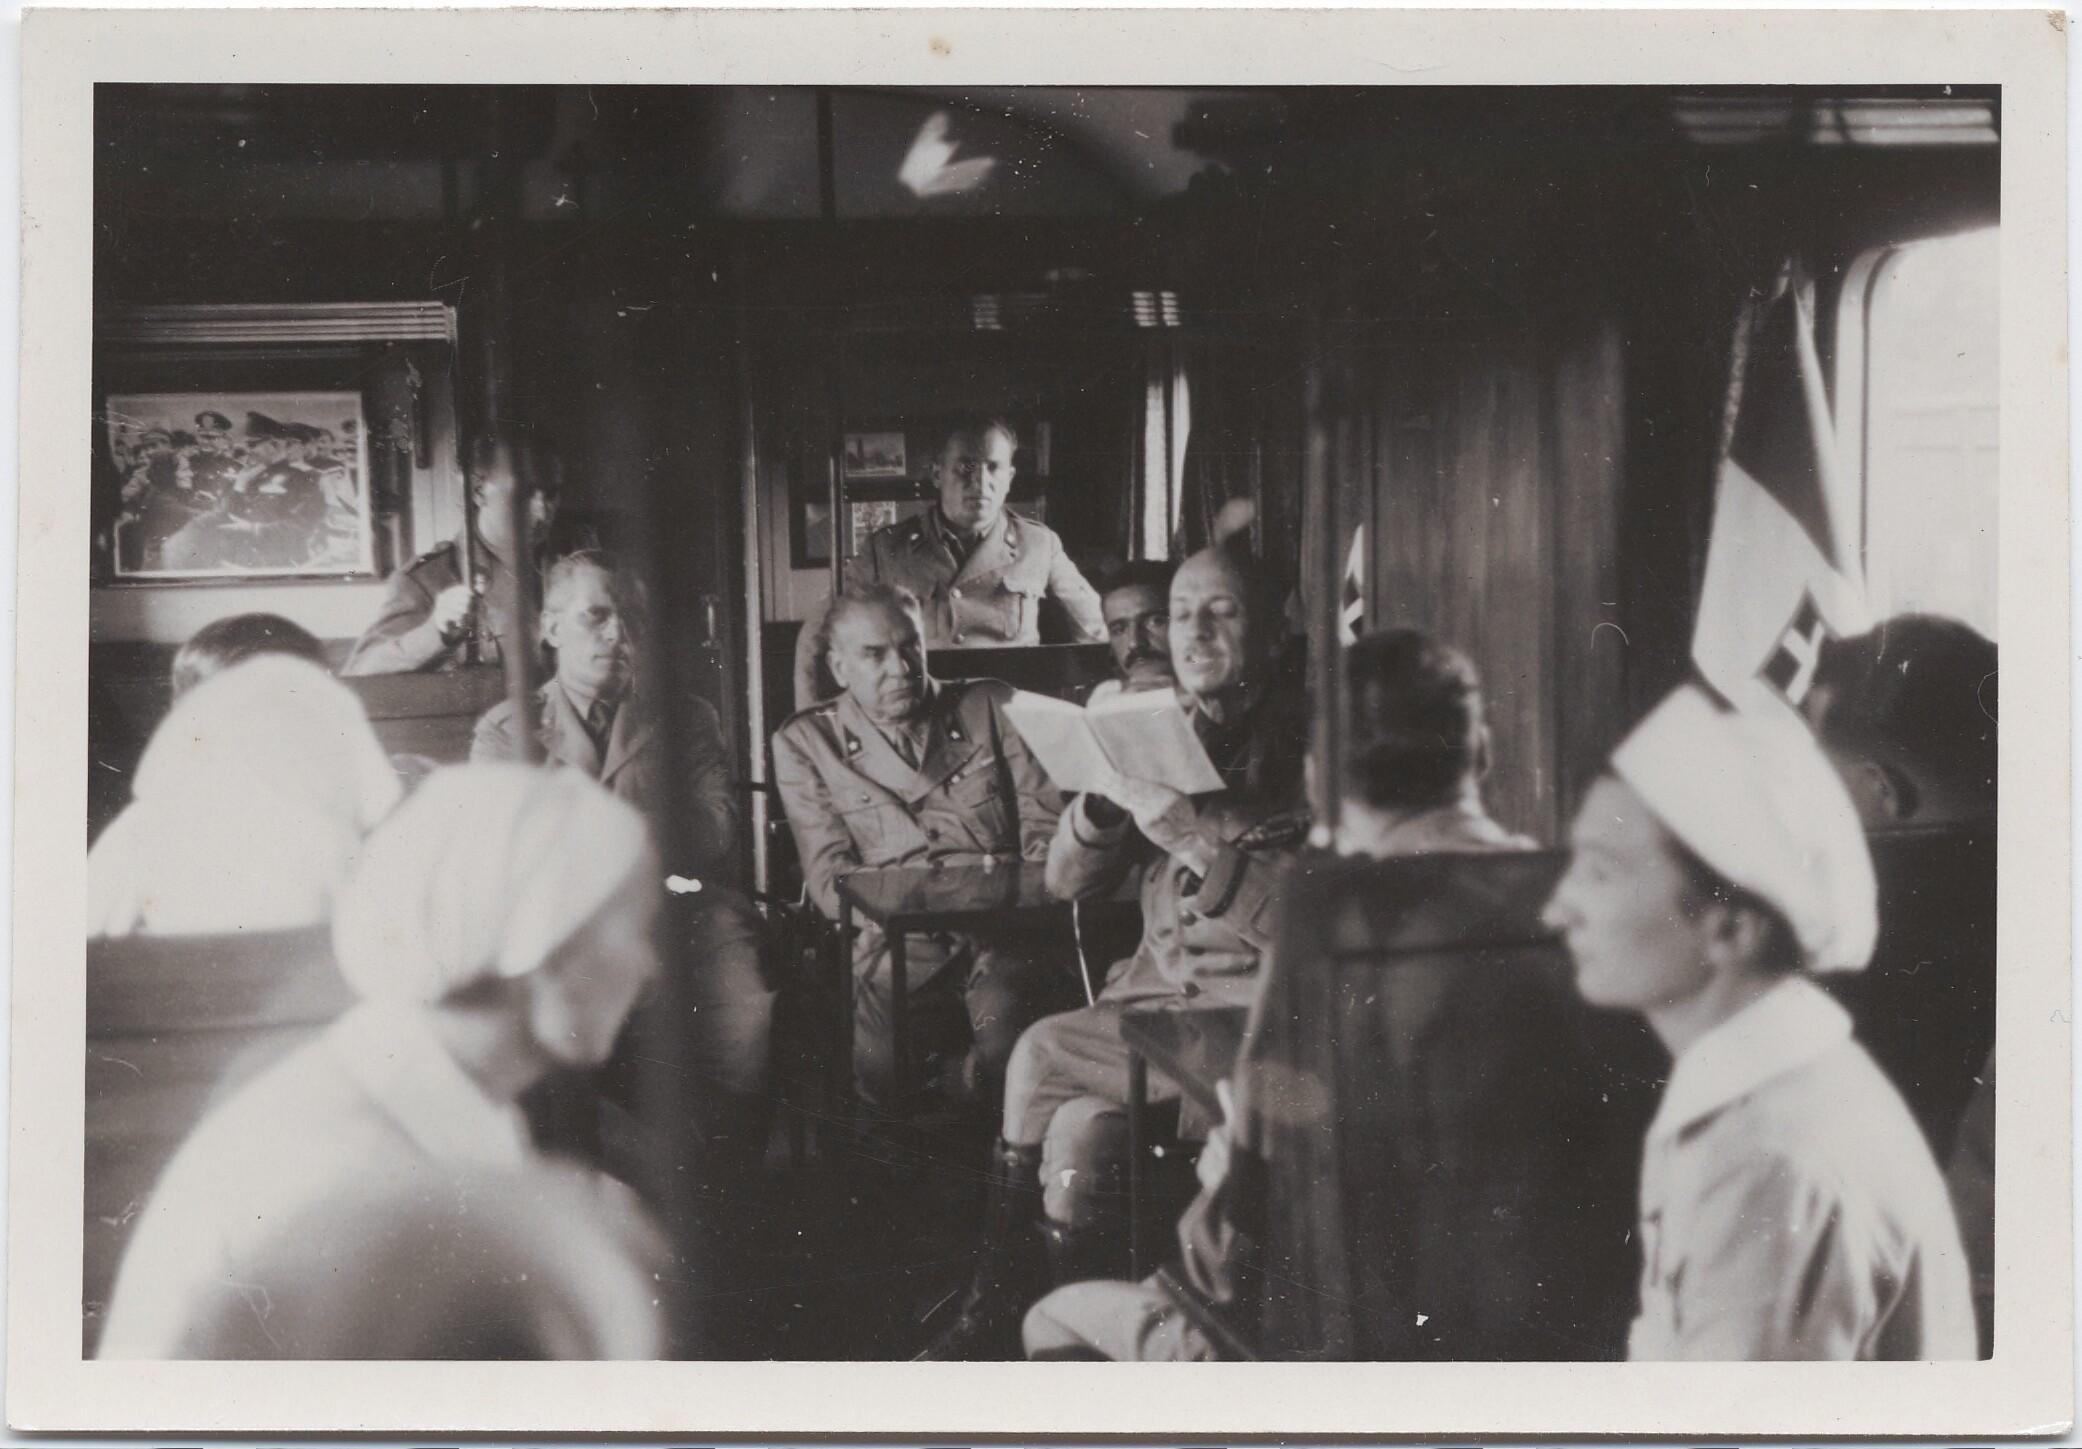 1942. Филиппо Томмазо Маринетти читает в поезде вслух солдататам и медсестрам на пути в Россию. Август